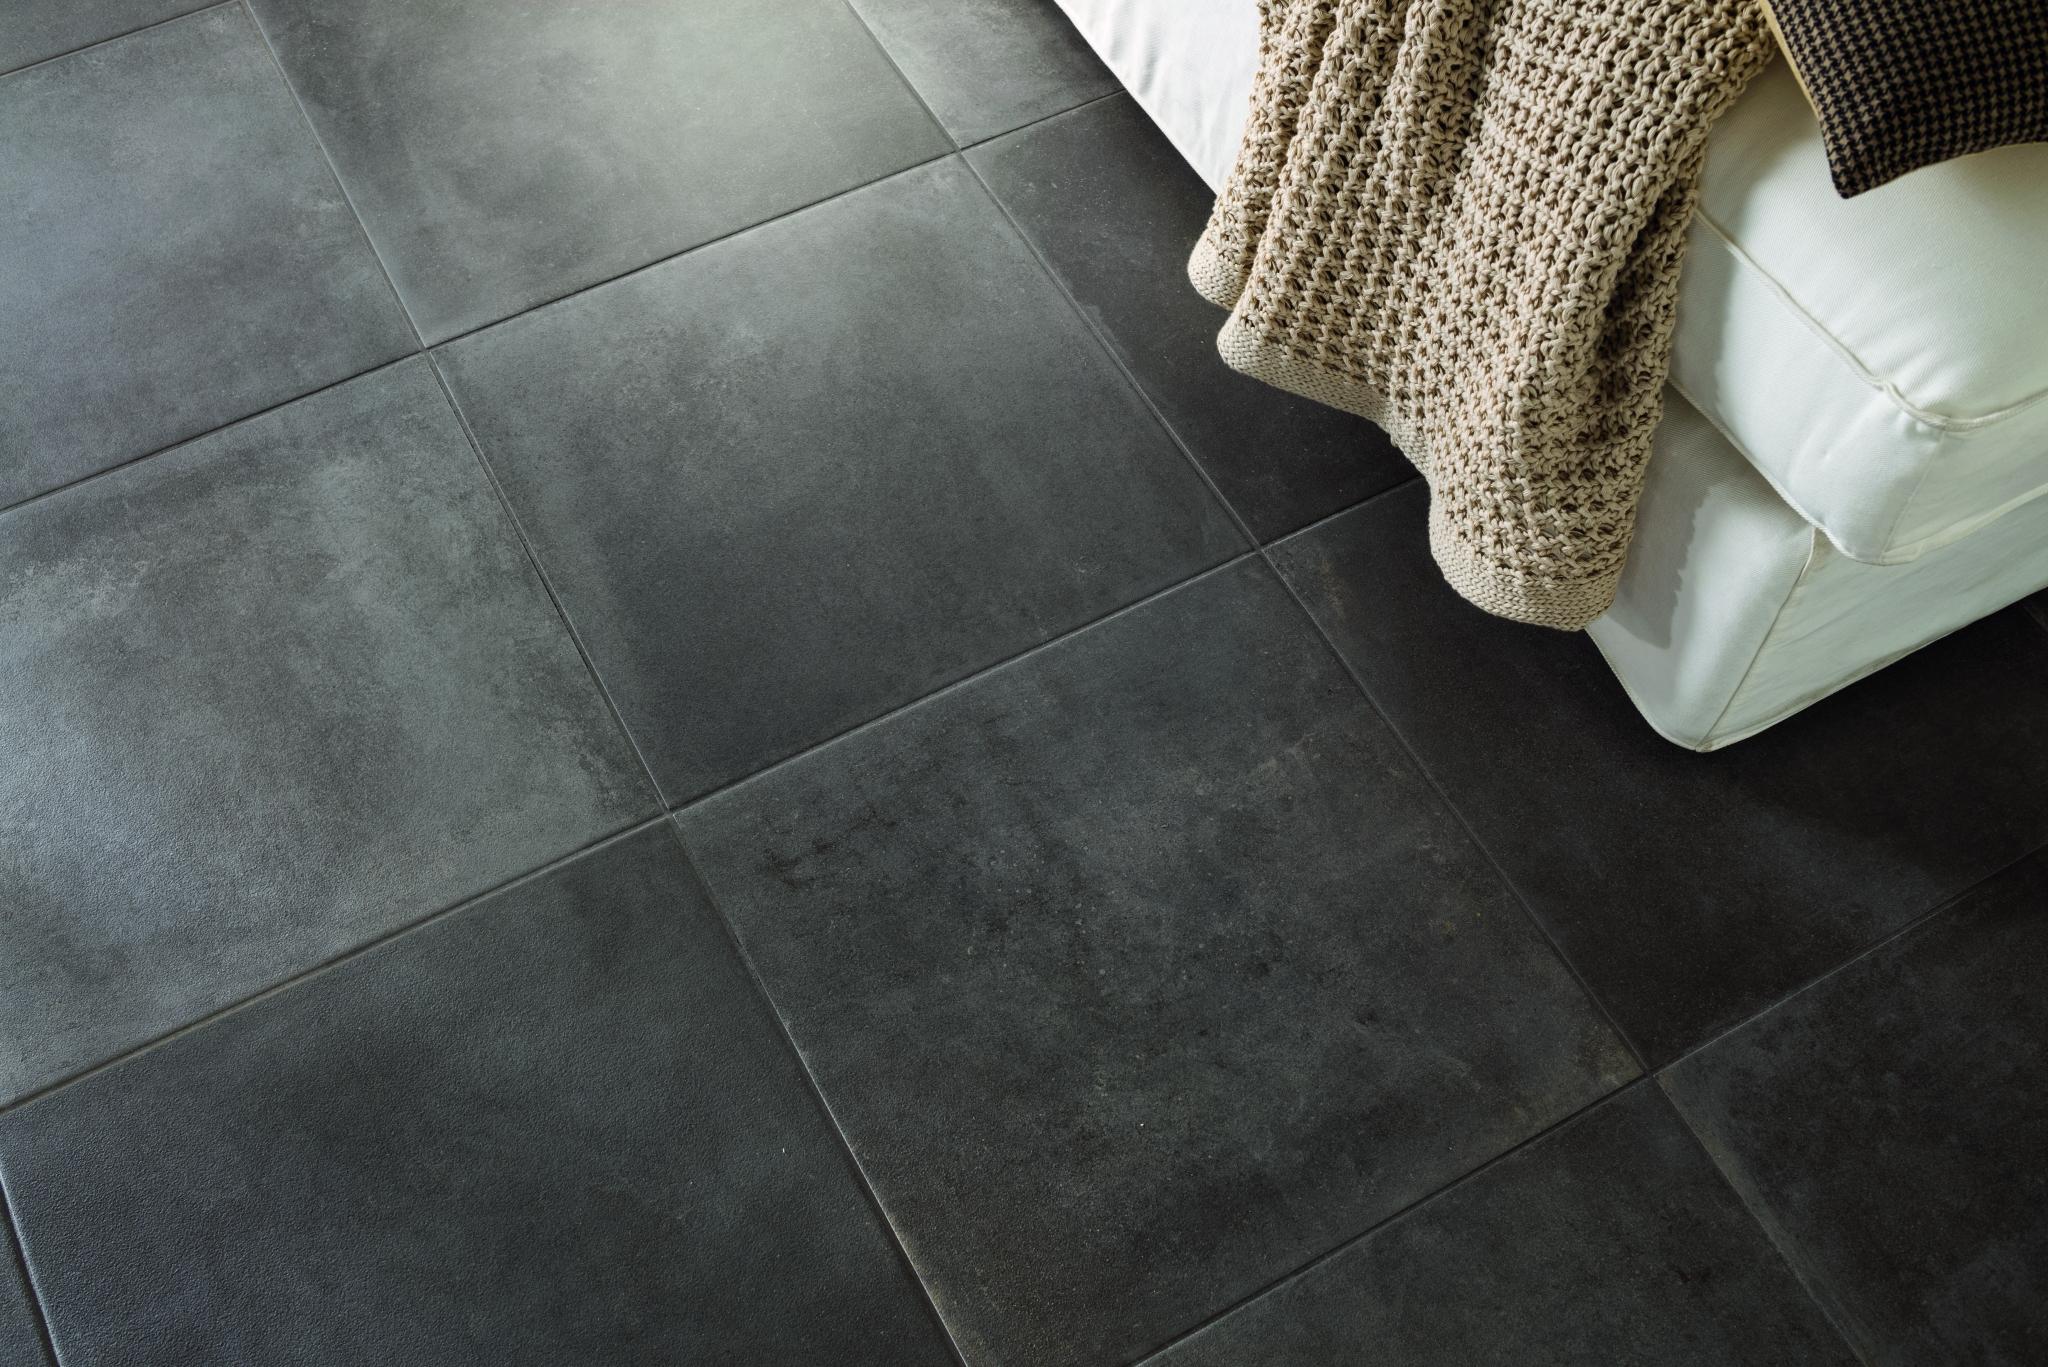 Tegels keuken hoogte: tegels zijn aanwezig, rest van materiaal is ...